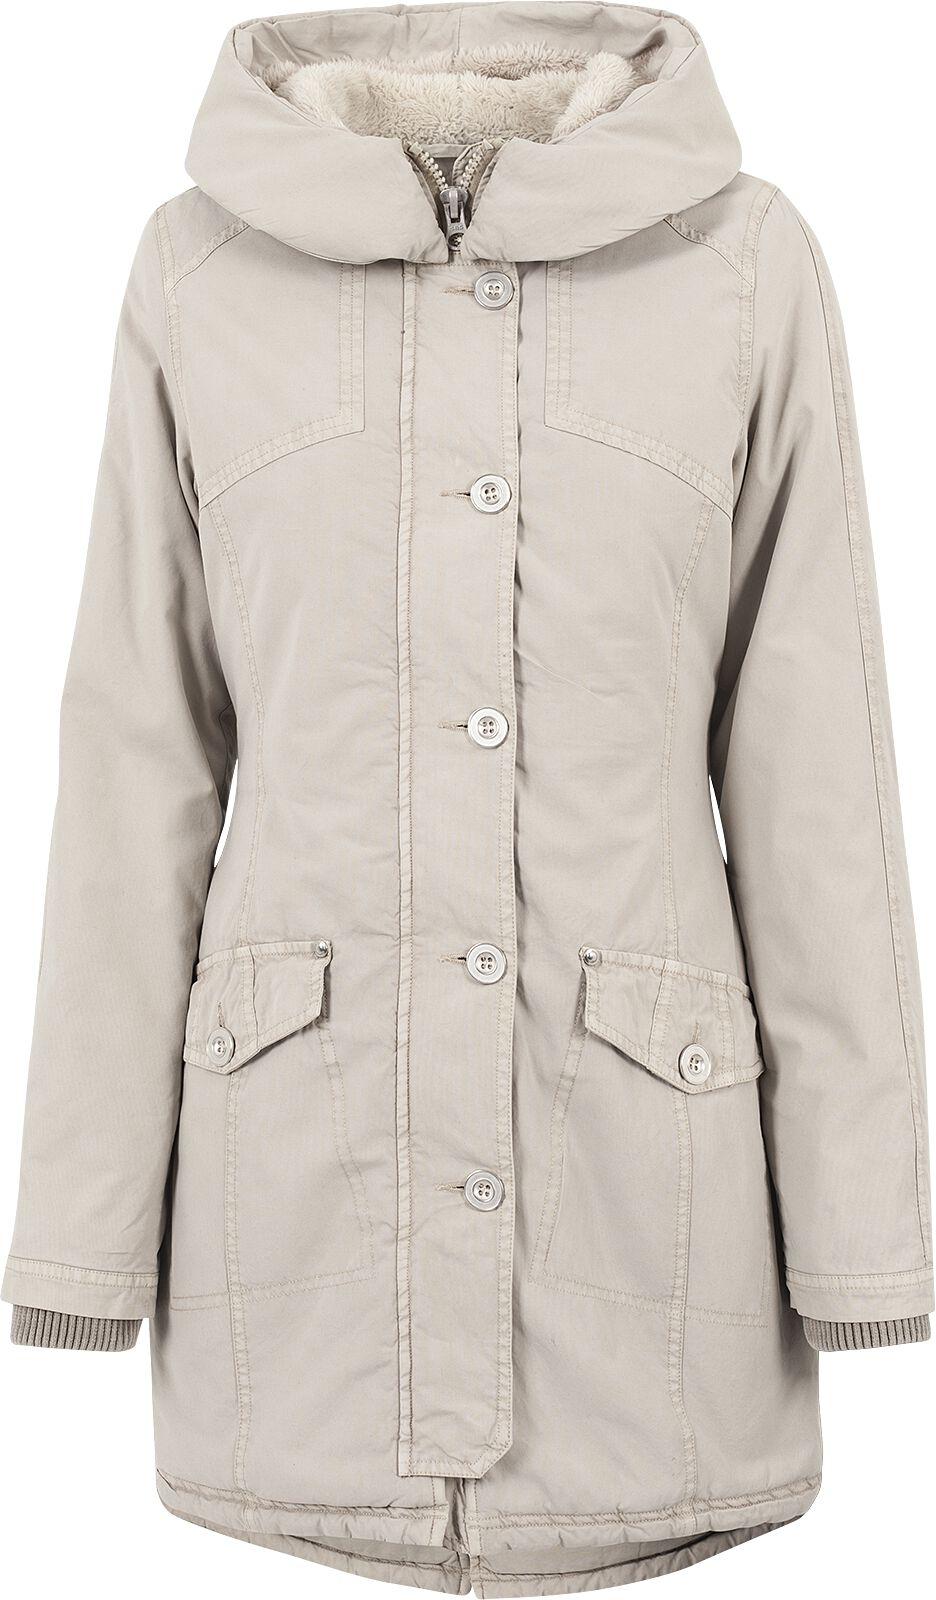 Jacken für Frauen - Urban Classics Ladies Garment Washed Long Parka Winterjacke sand  - Onlineshop EMP